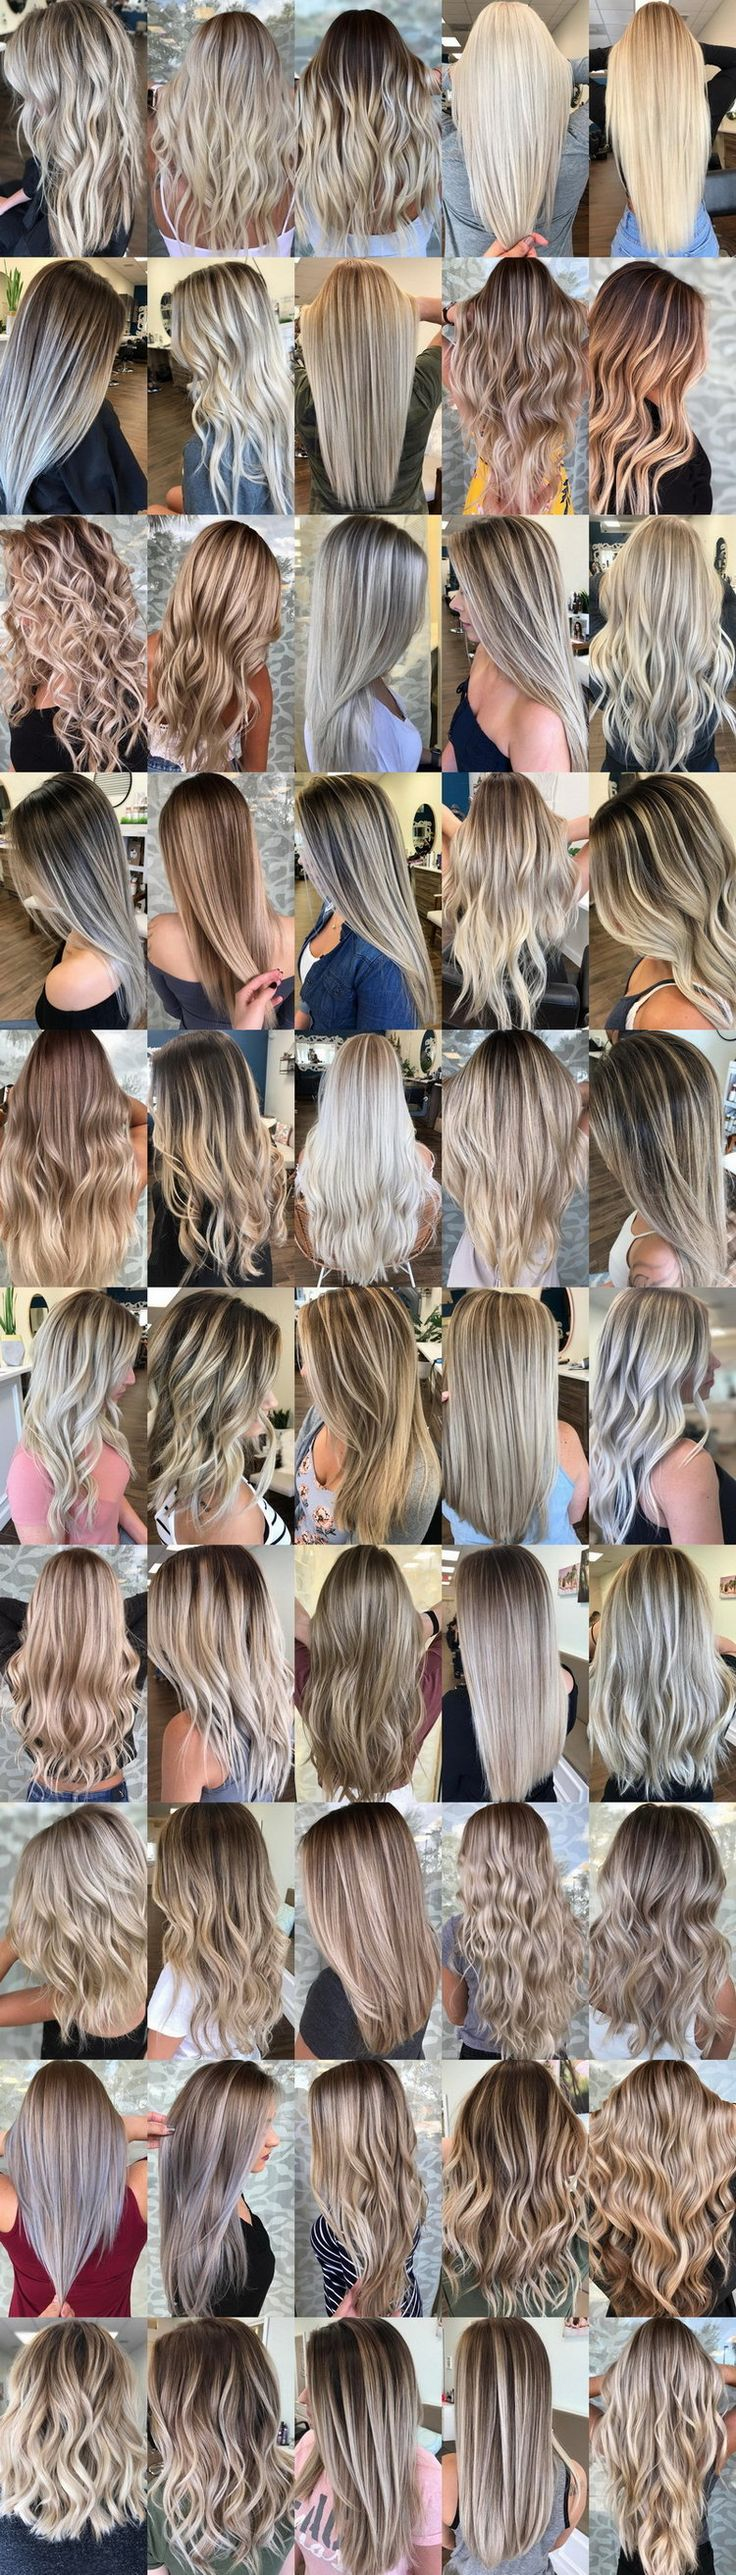 51 Ultra Popular Blonde Balayage Hairstyle & Hair Painting Ideas Morgan Freeman